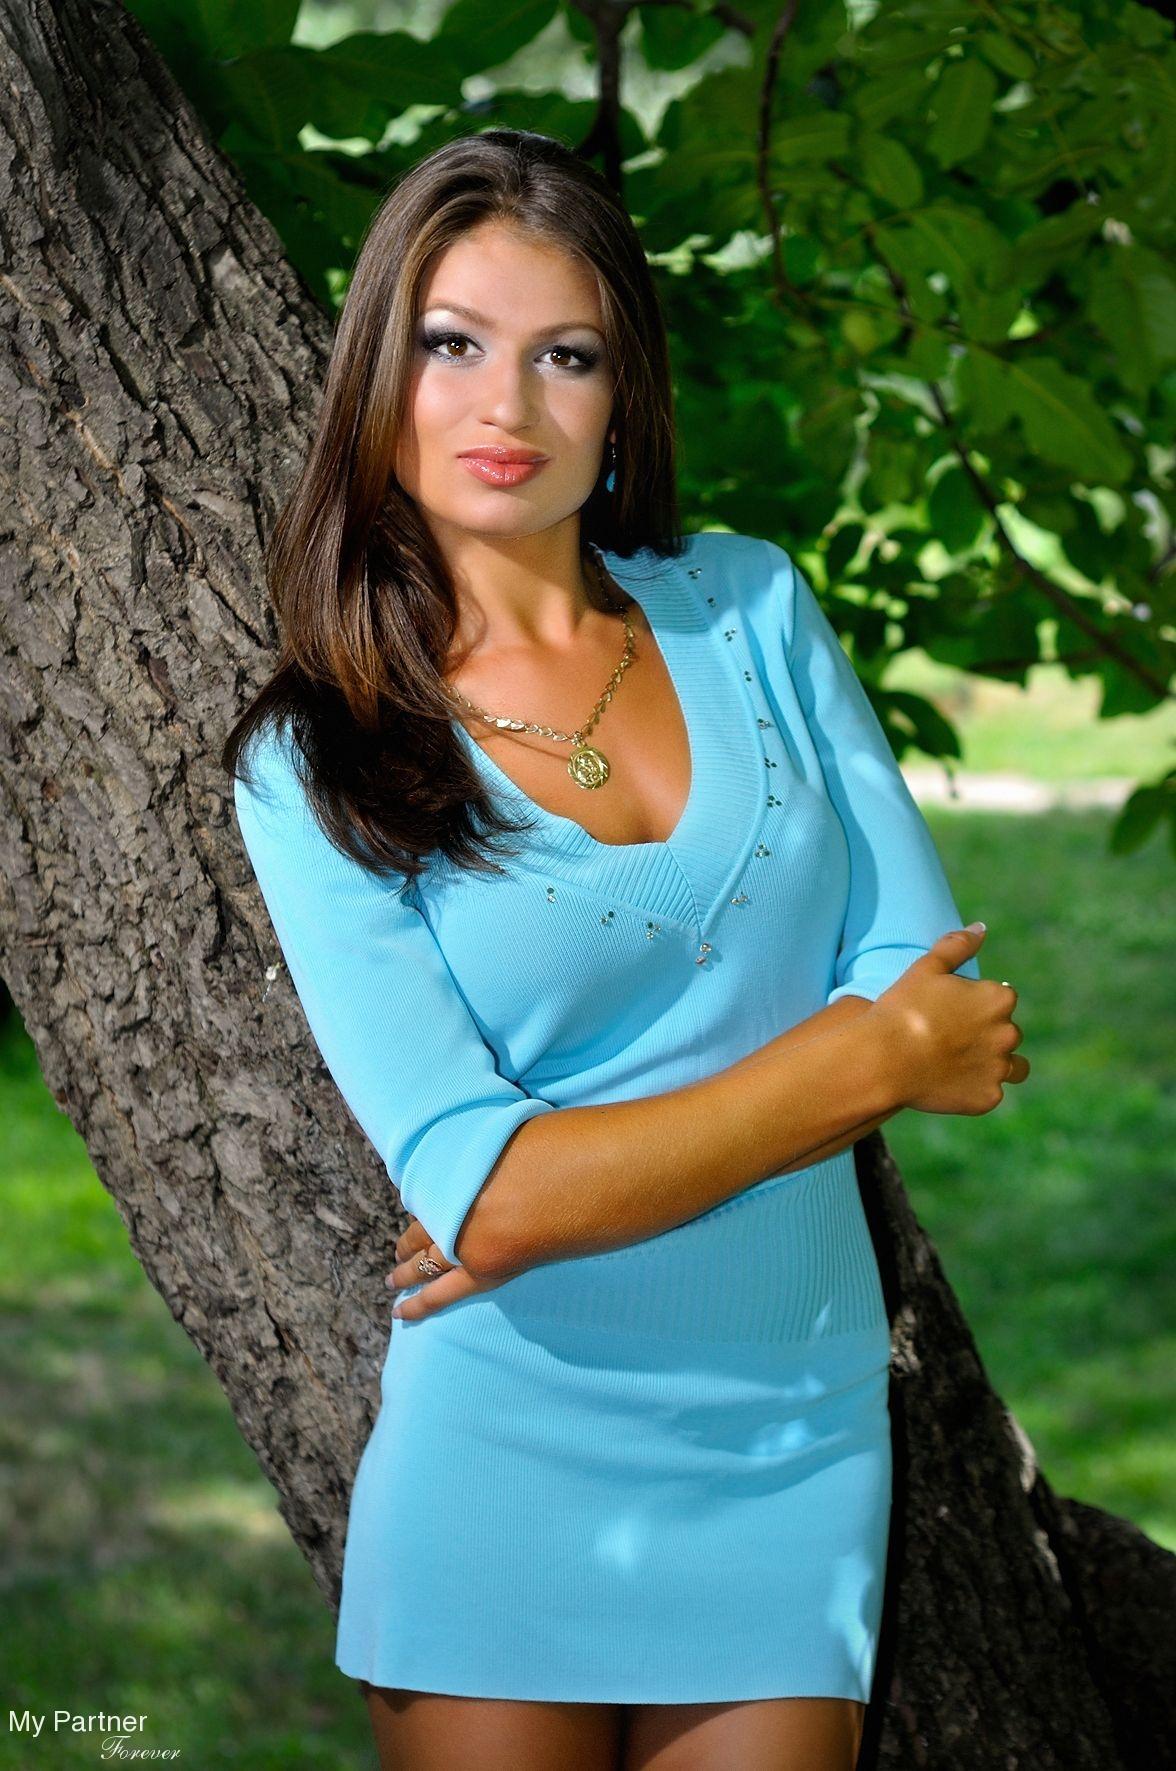 42 hot russian bride oksana